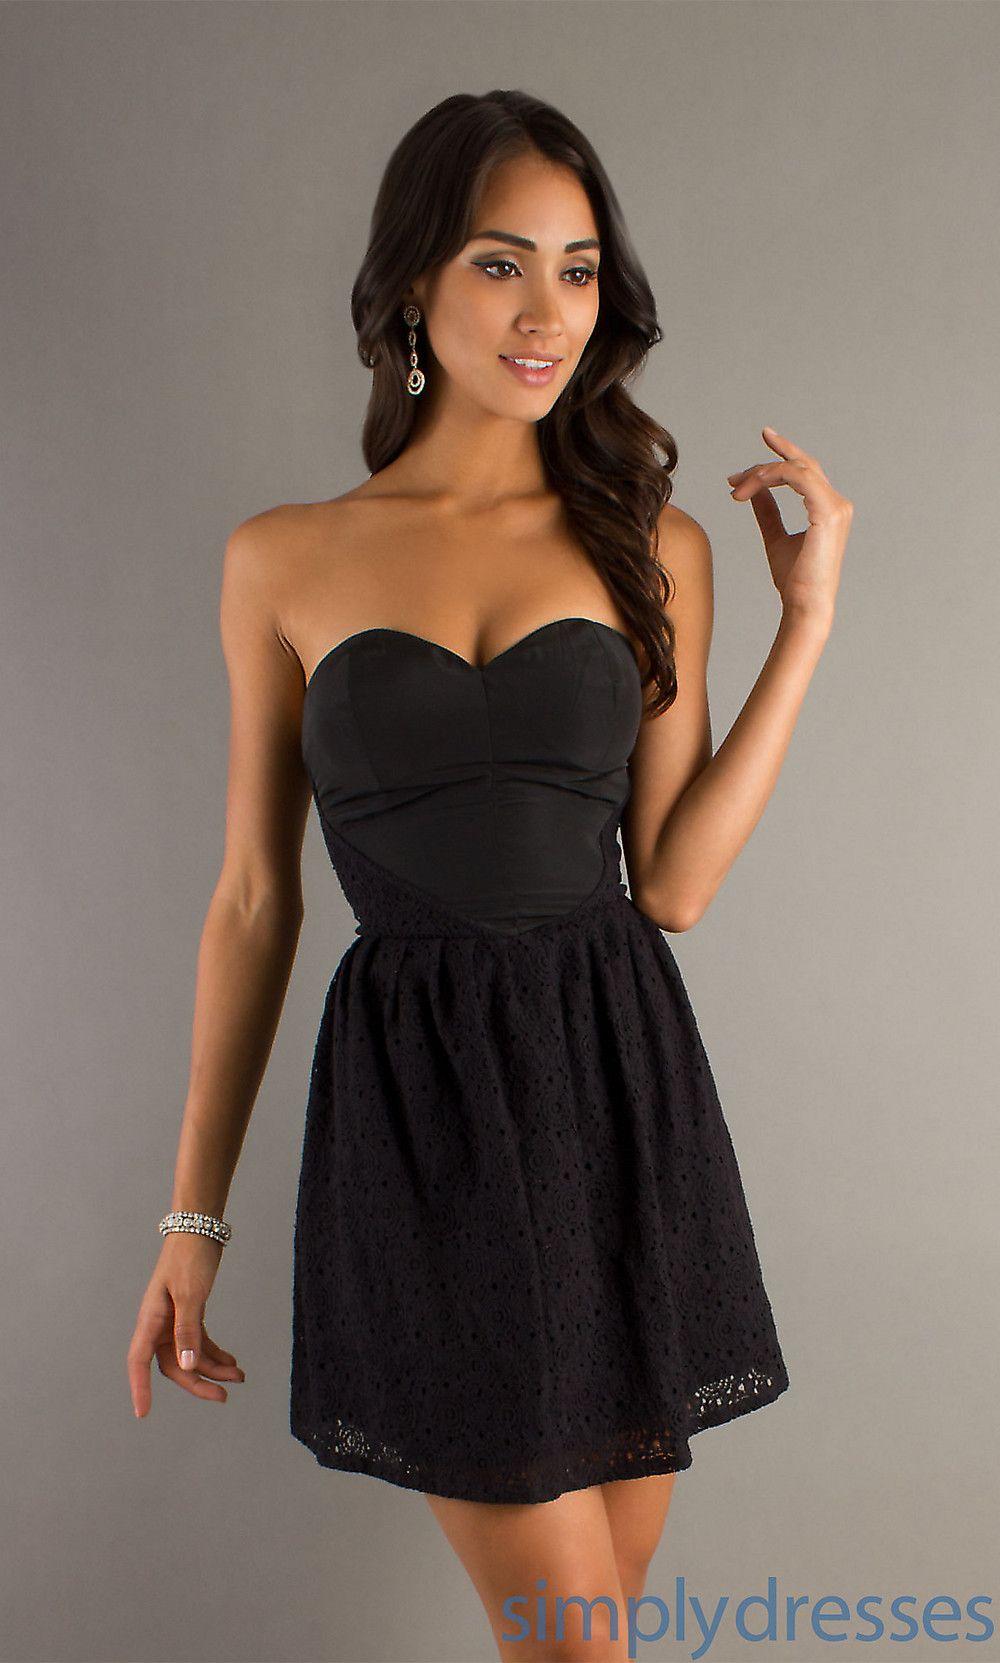 Simple Little Black Dress Sweetheart Neckline Black Short Dress Black Dress Evening Dresses Short [ 1663 x 1000 Pixel ]